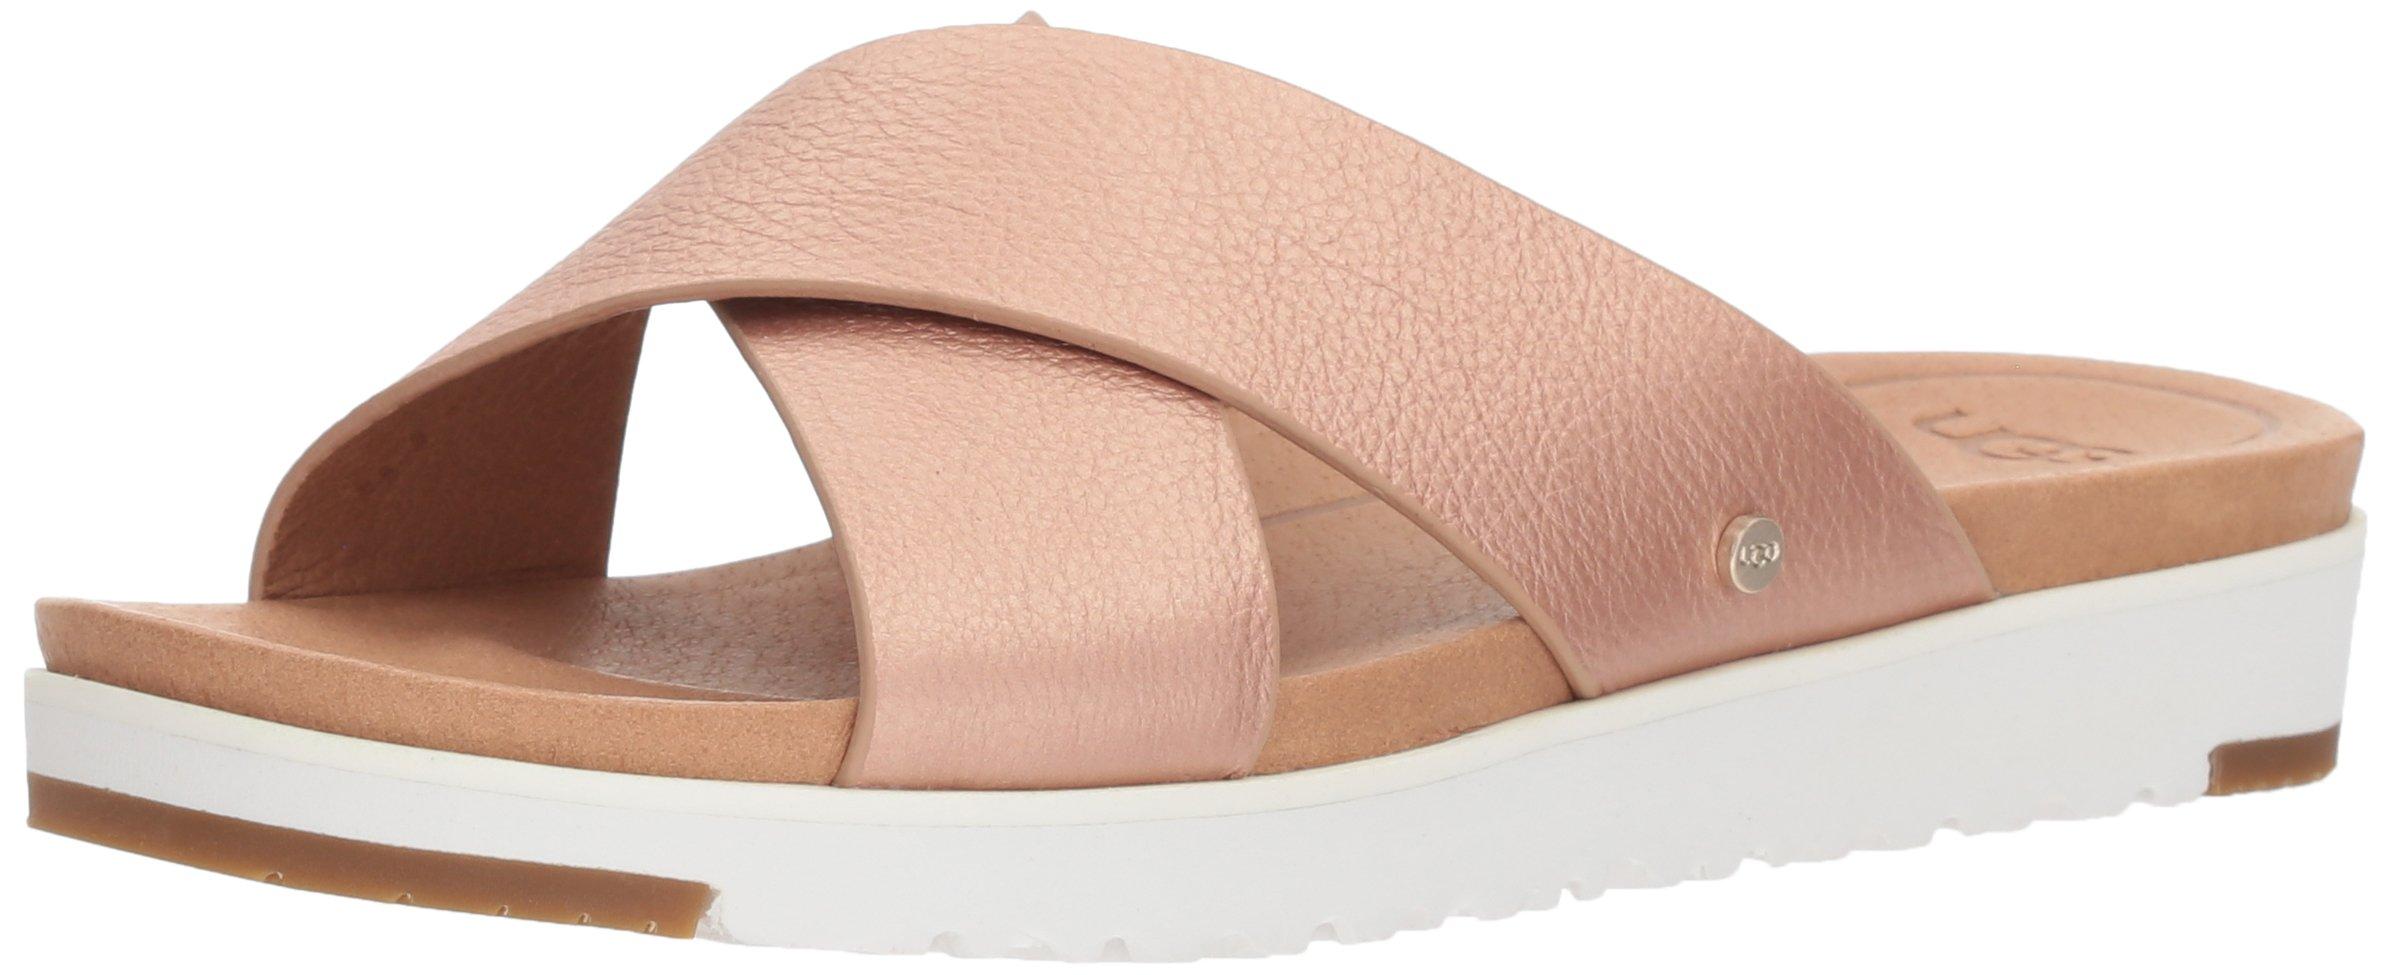 UGG Women's Kari Metallic Flat Sandal, Rose Gold, 8 M US